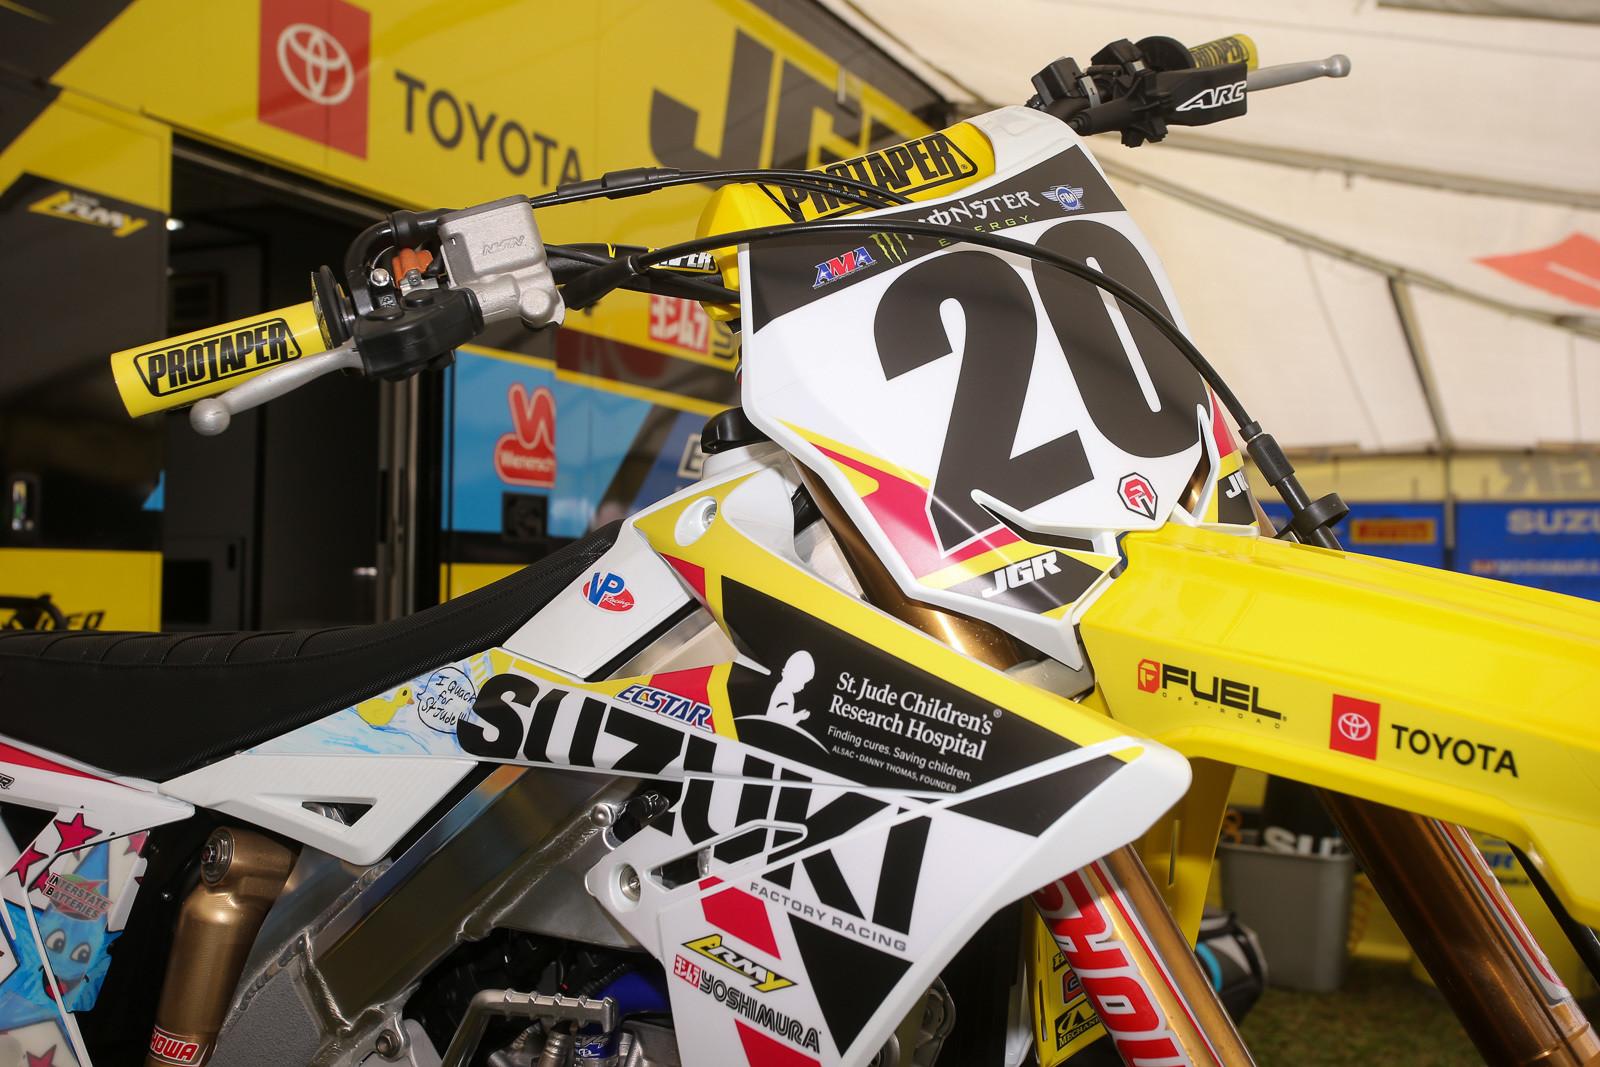 Yep, the JGRMX/Yoshimura/Suzuki Factory Racing crew are running the St. Jude graphics, too.